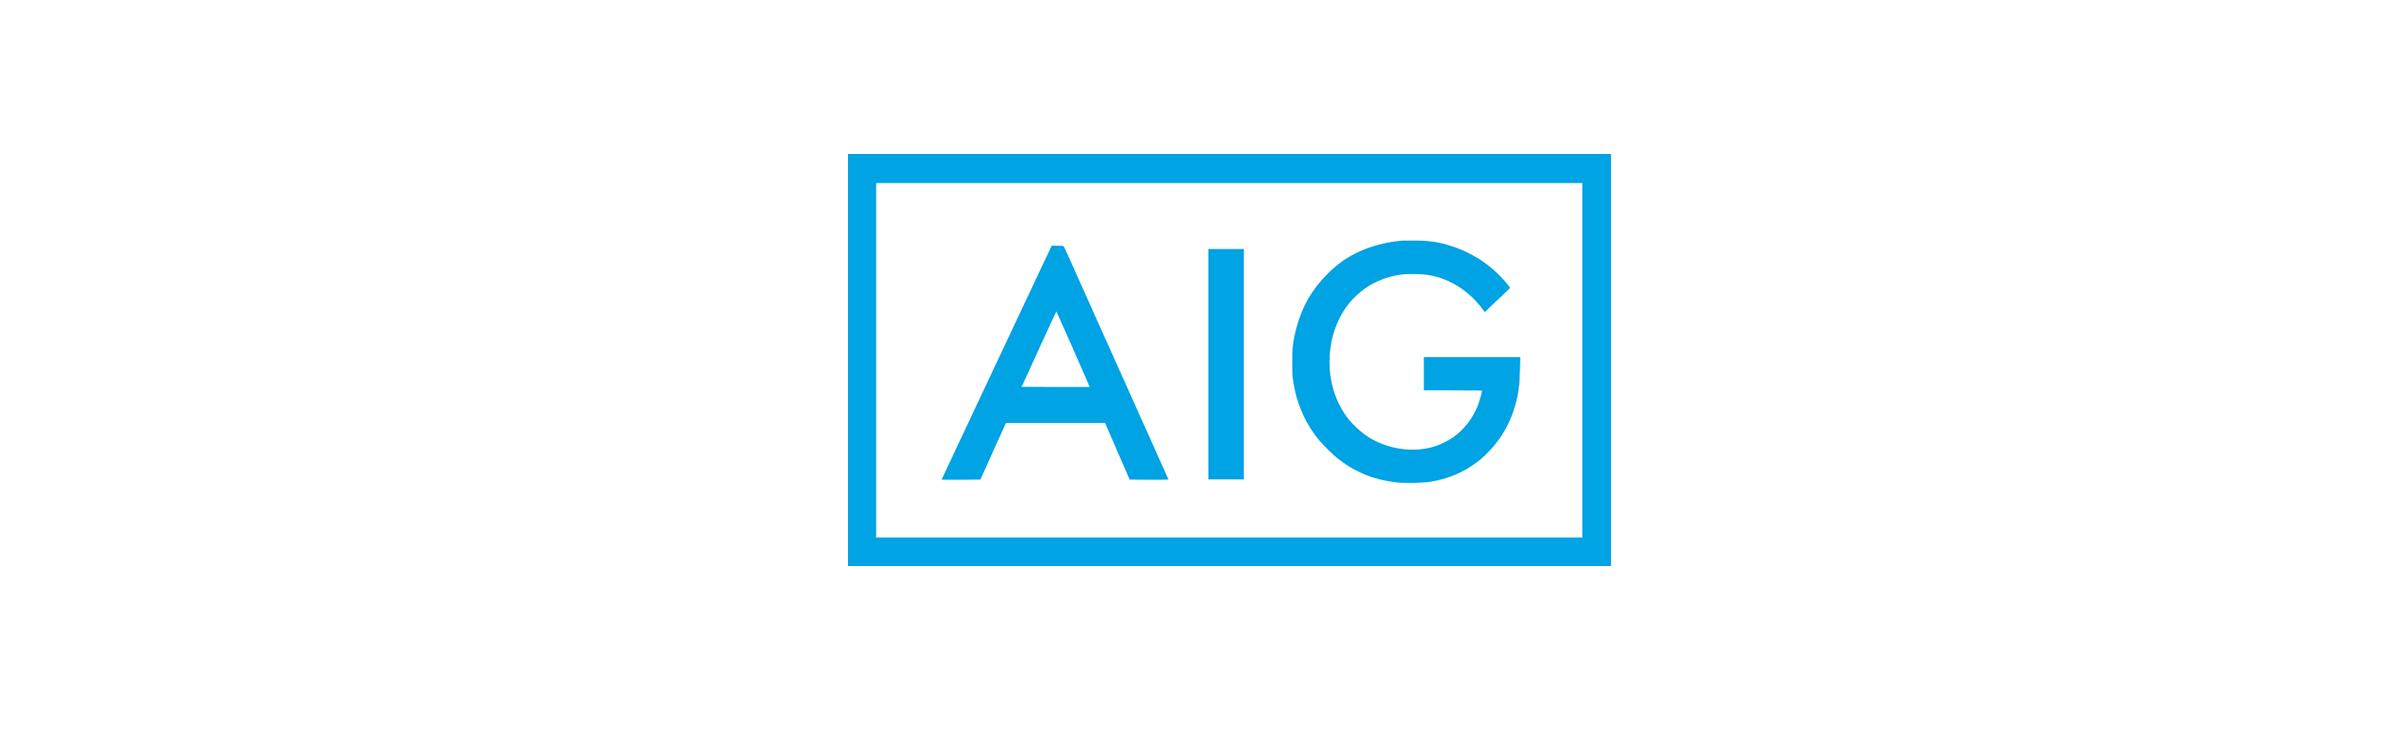 12_AIG.png